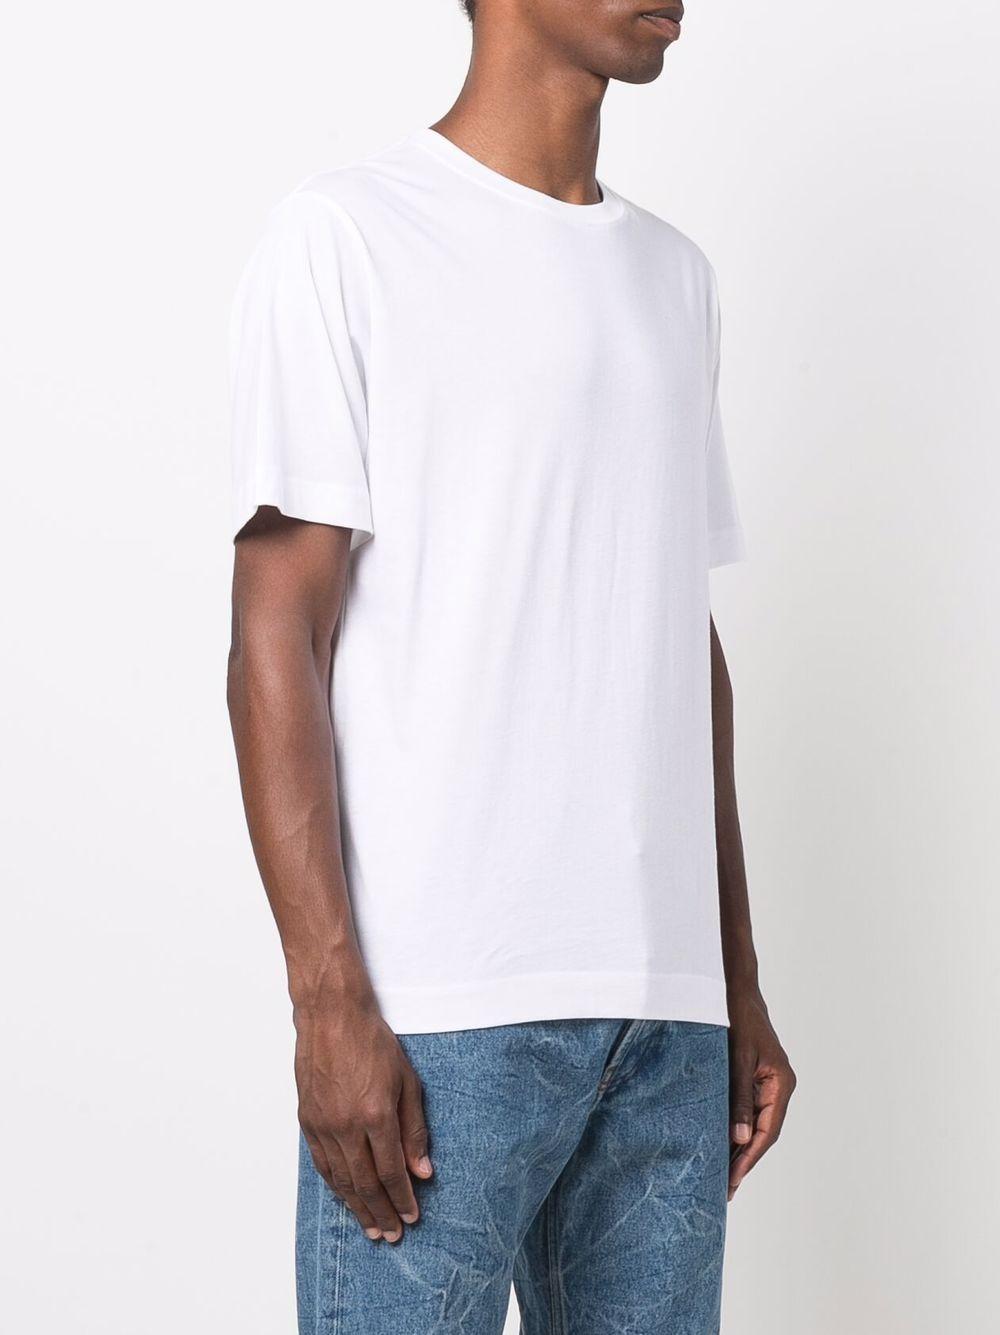 t-shirt hertz uomo bianca in cotone DRIES VAN NOTEN | T-shirt | HERTZ 36001